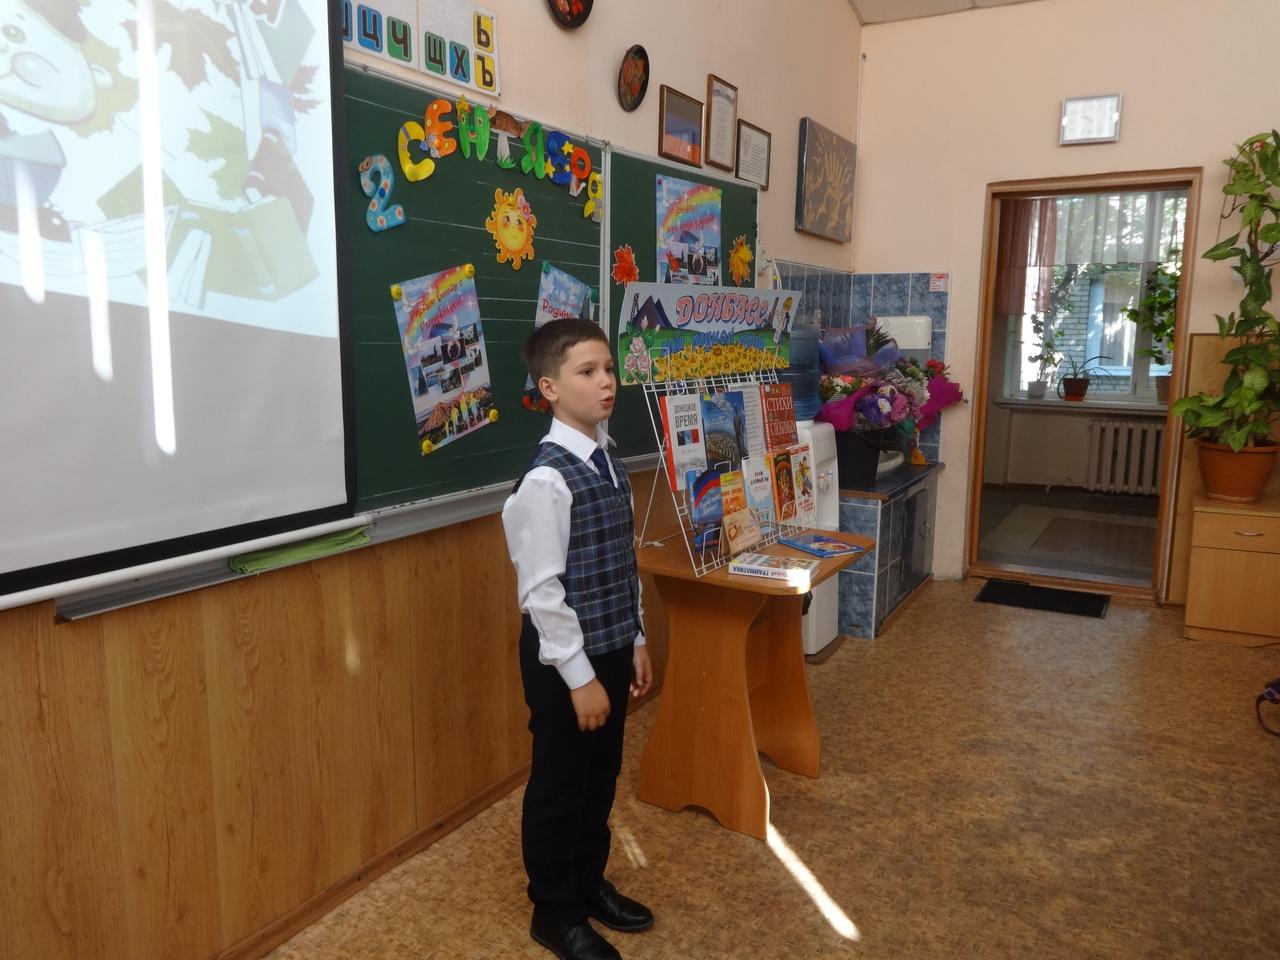 отдел обслуживания дошкольников и учащихся 1-4 классов, Донецкая республиканская библиотека для детей, день знаний, занятия с детьми, в библиотеке интересно